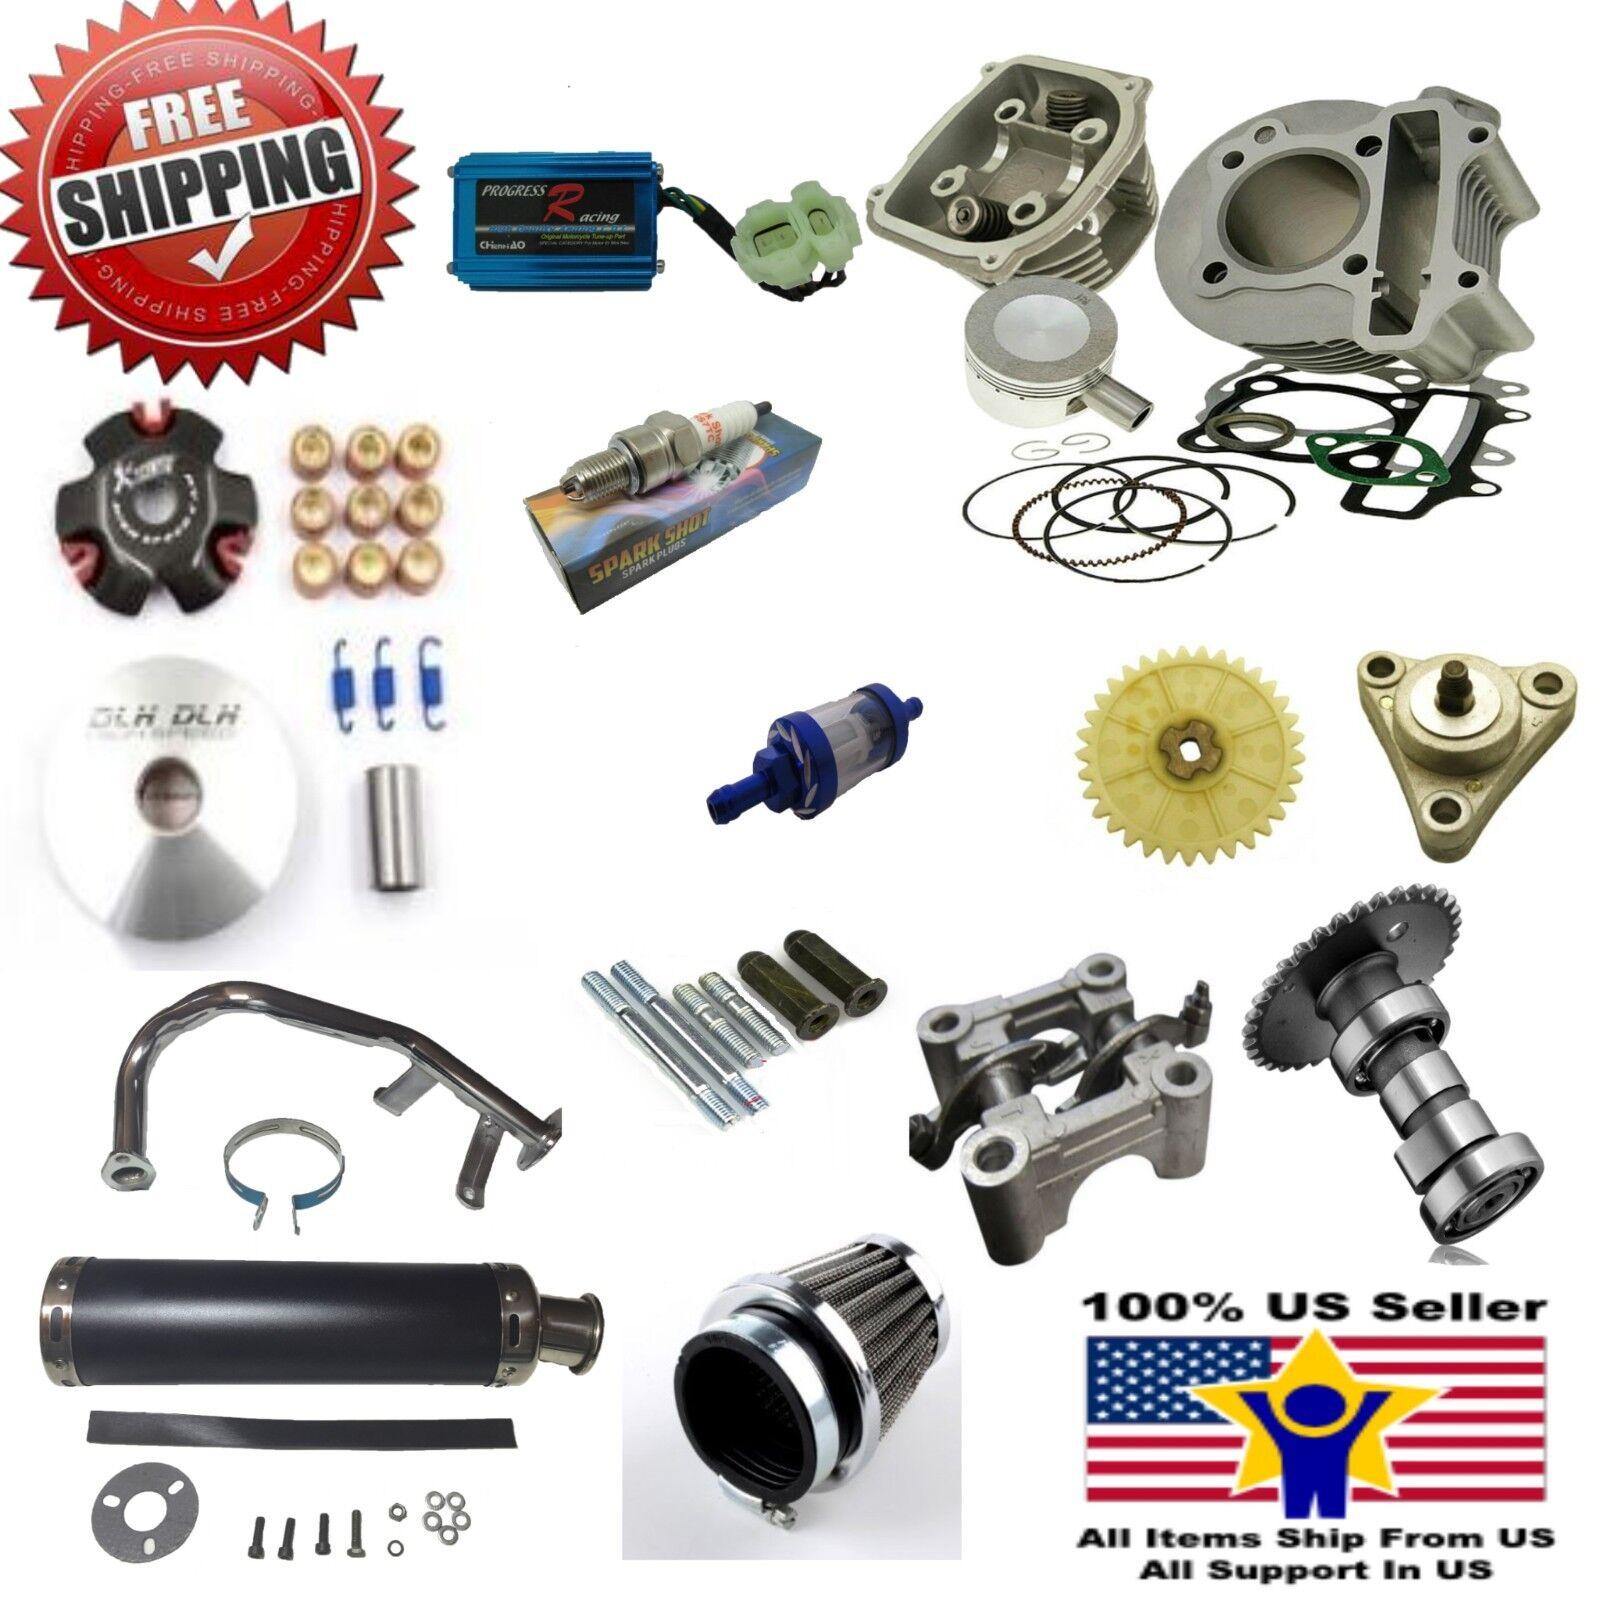 Запасная часть для скутера 80cc Big Bore Kit Performance Power Pack Black  Exhaust 139QMB Chinese Scoote - 112589372793 -